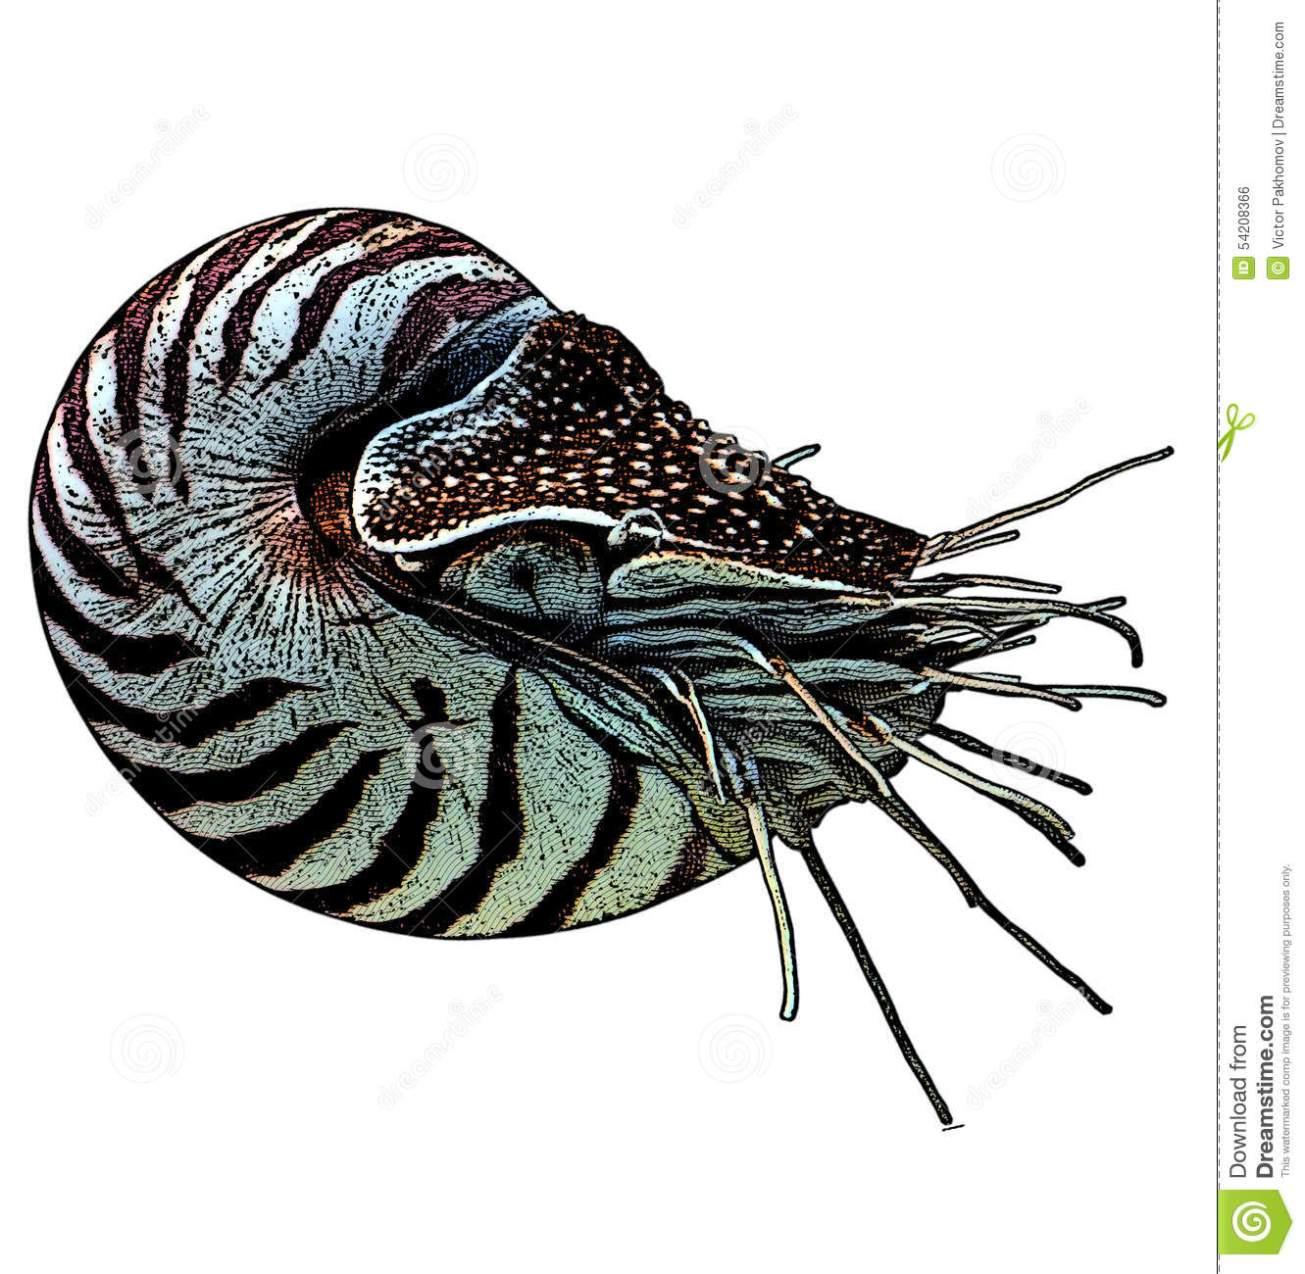 nautilus-color-gravure-effect-photoshop-54208366